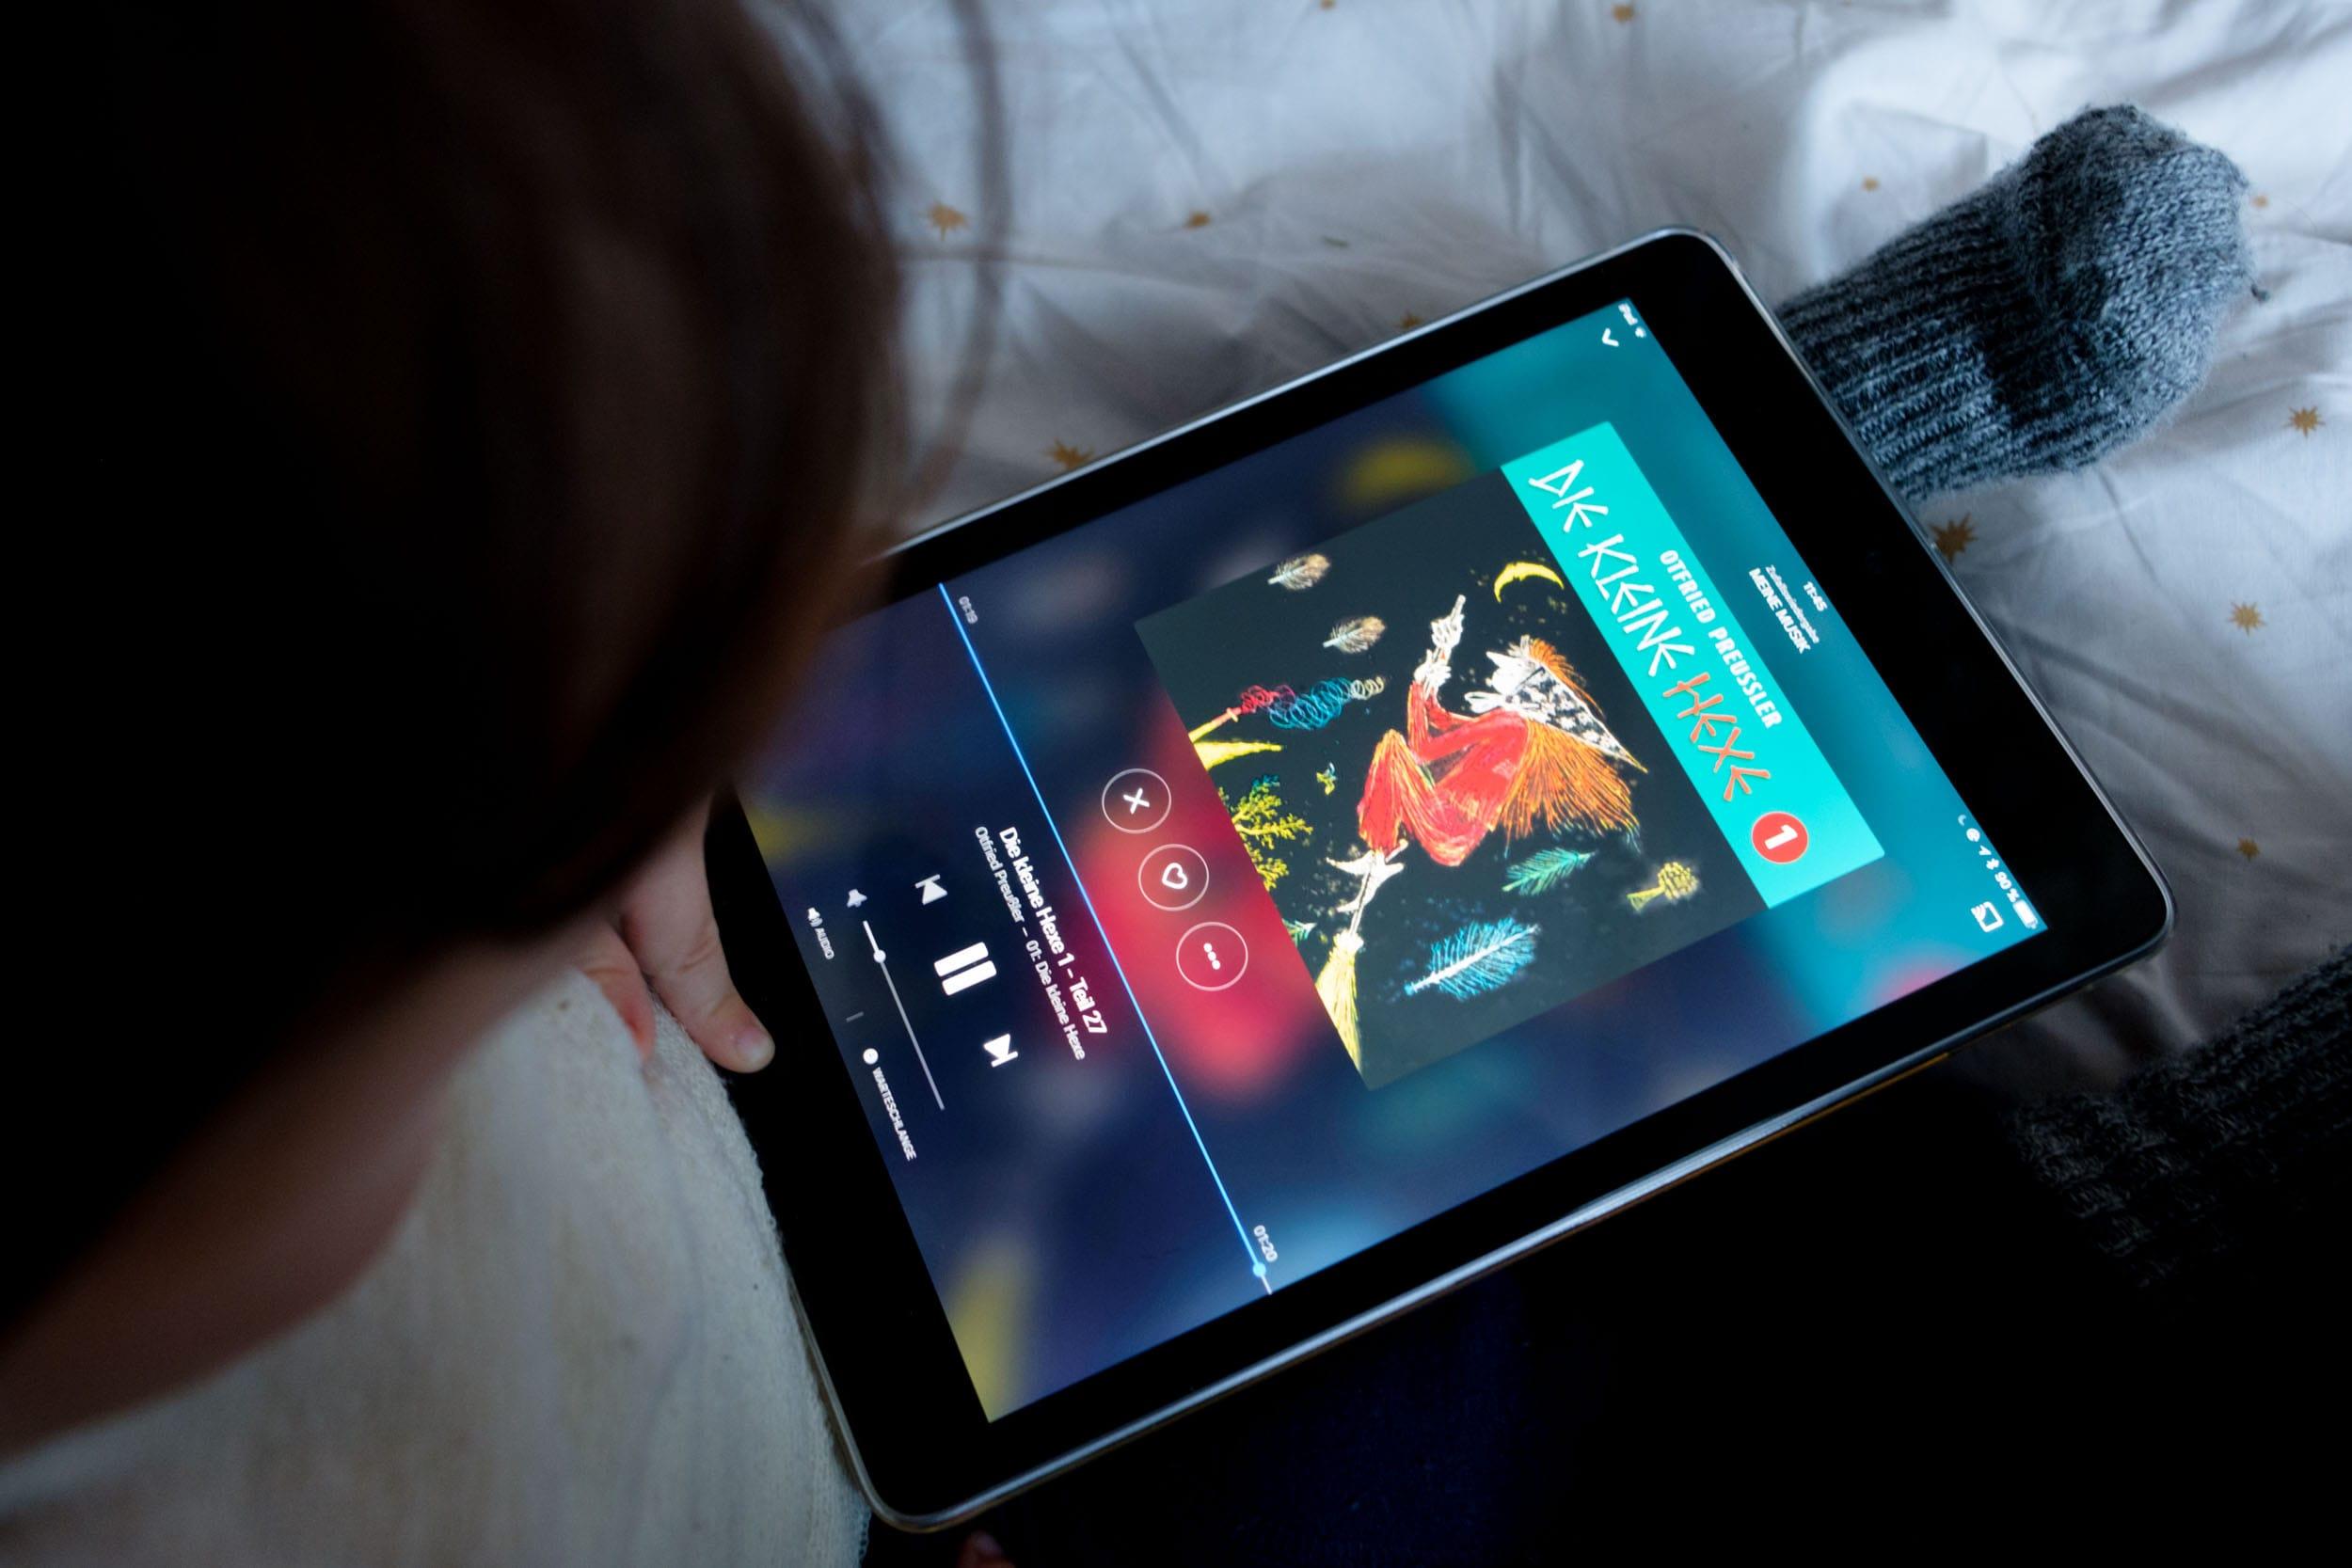 Deezer Family | Musik-Streaming-Dienst für die ganze Familie | Musik, Hörbucher, Hörspiele für Kinder und Podcasts | Deezer im Test | Mehr auf https://ivy.li